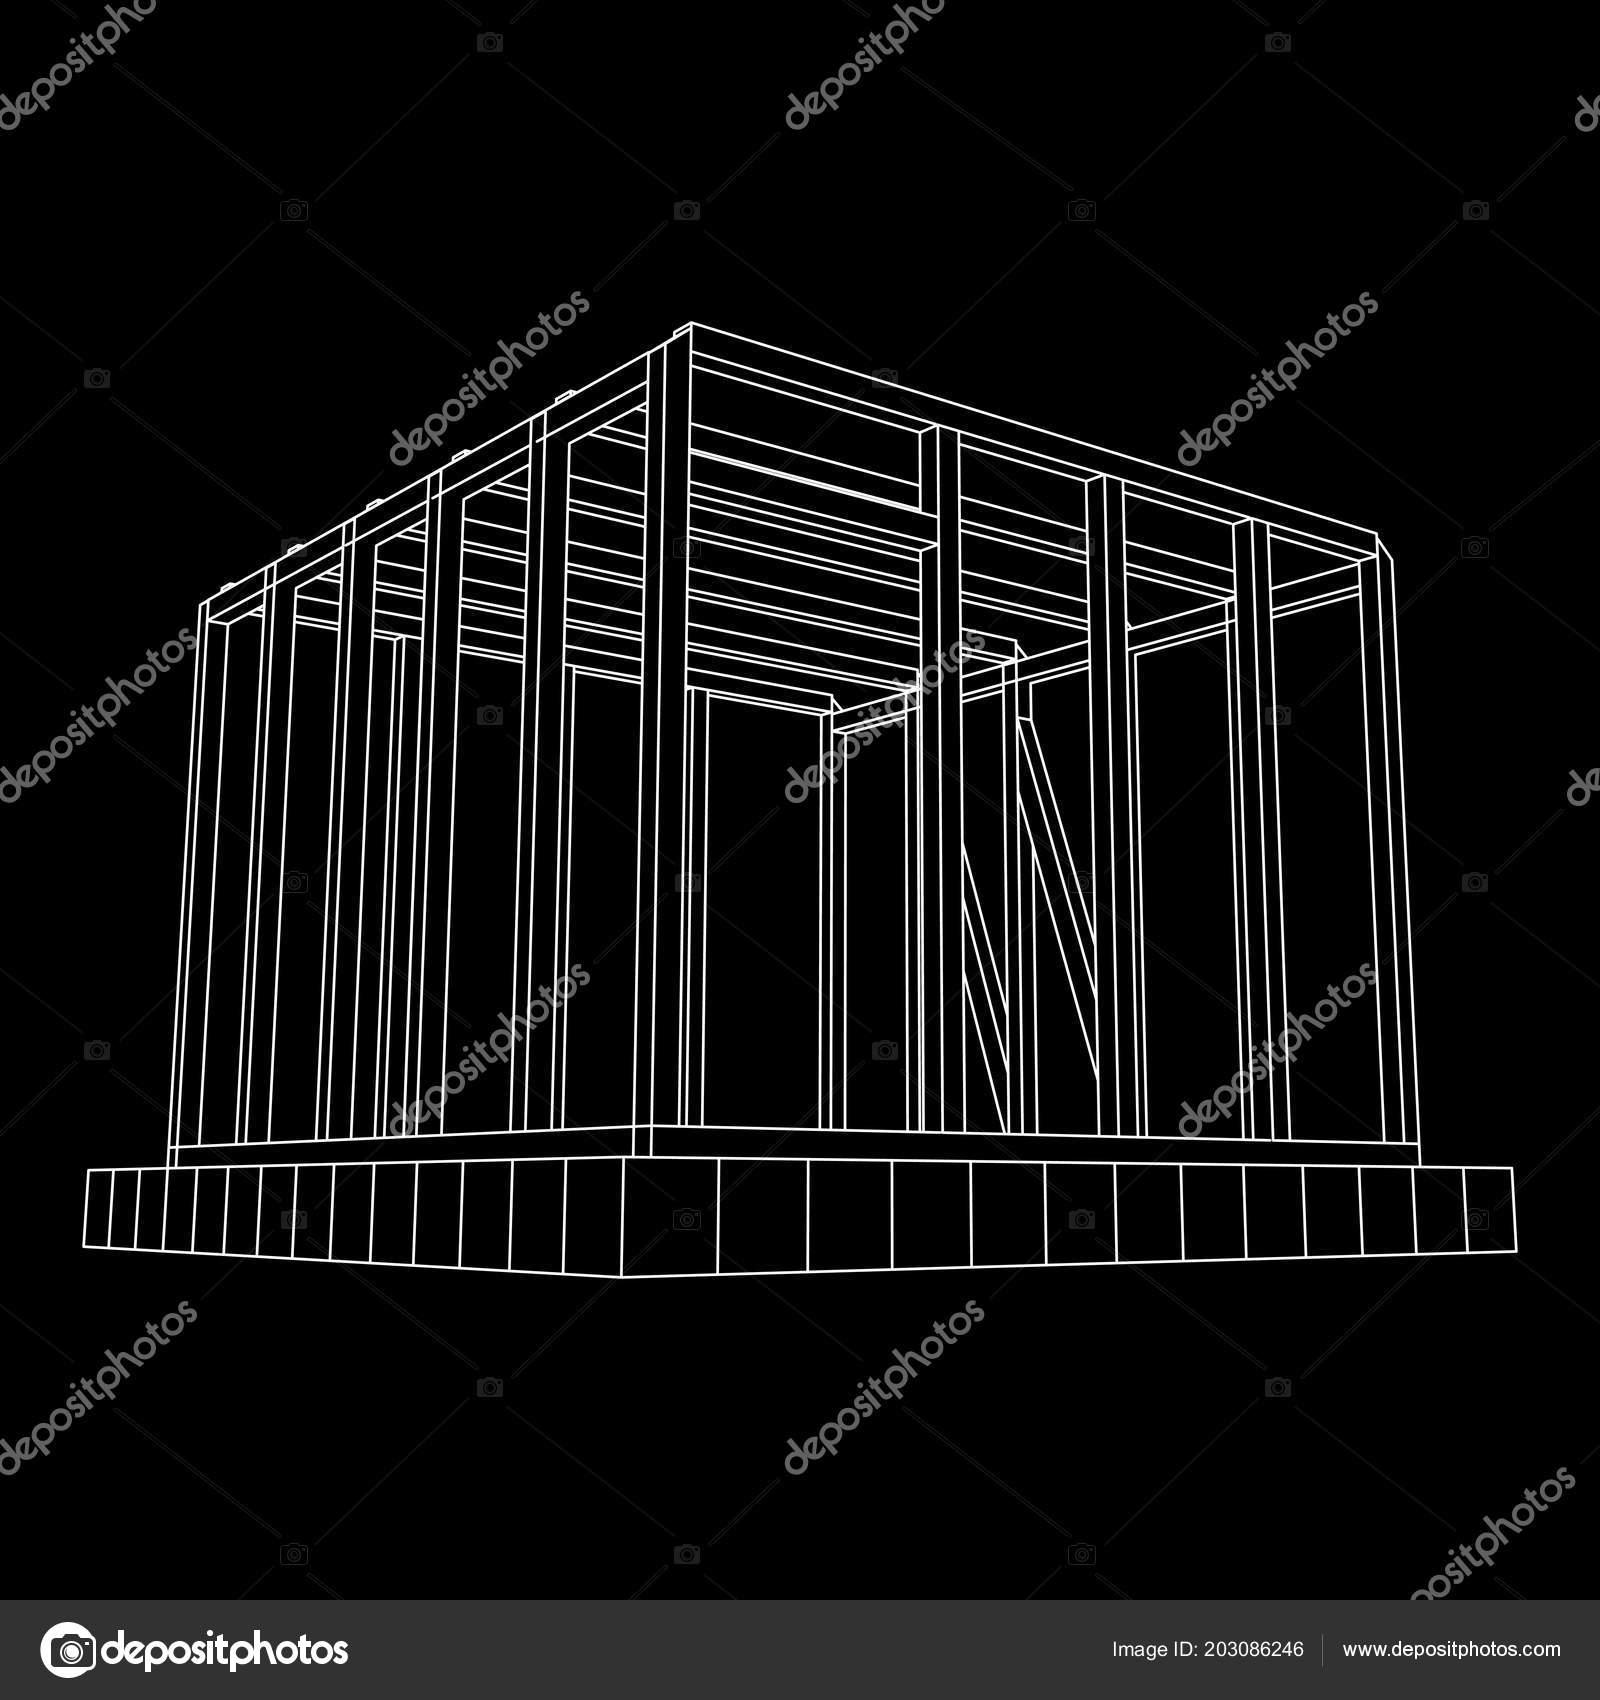 Casa de estructura de alambre — Vector de stock © newb1 #203086246